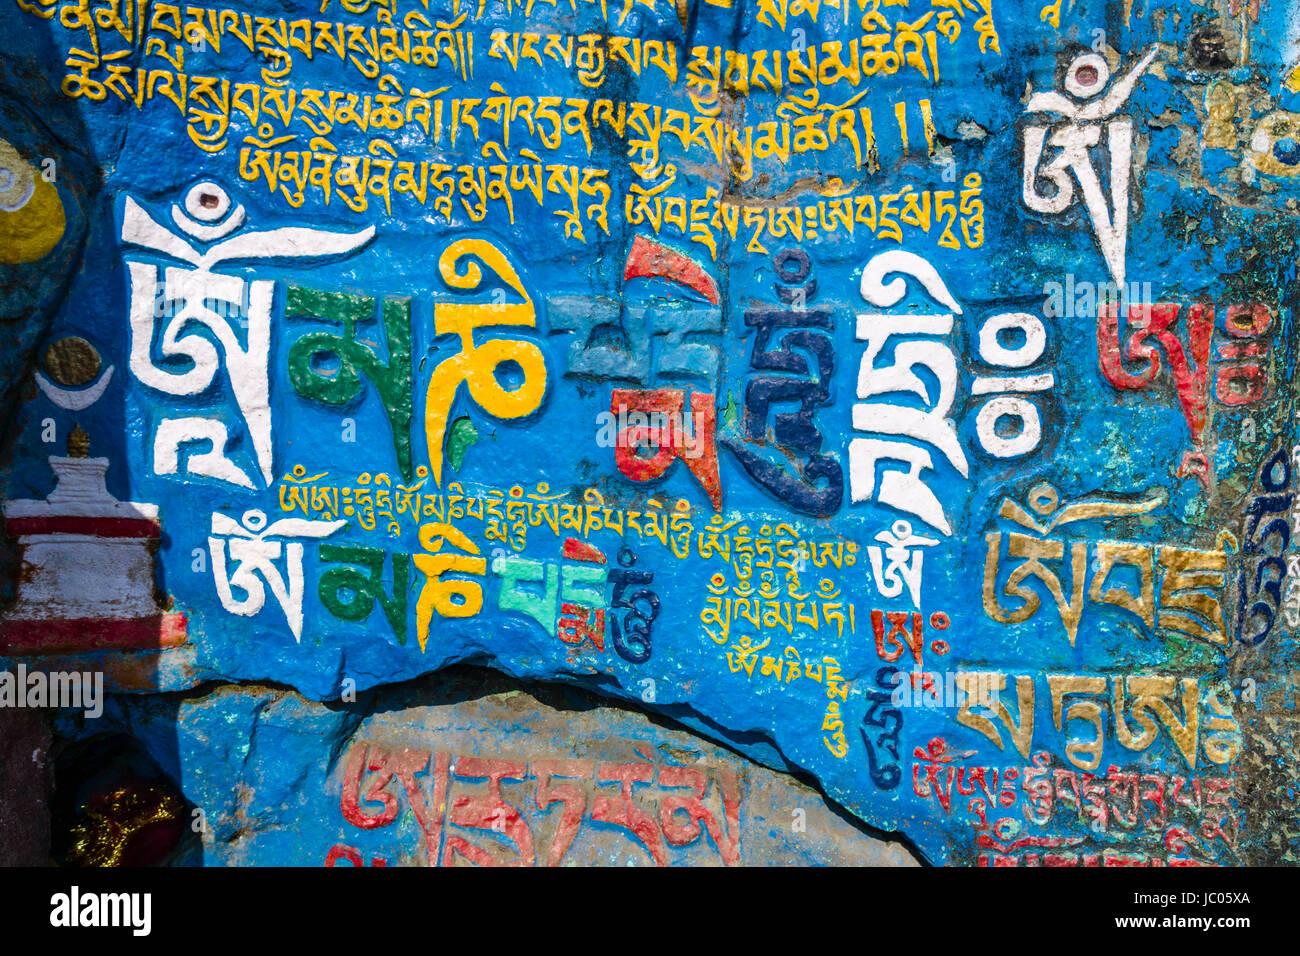 El tibetano mantra om mani padme hum está excavada en una roca y pintado de colores vivos Imagen De Stock